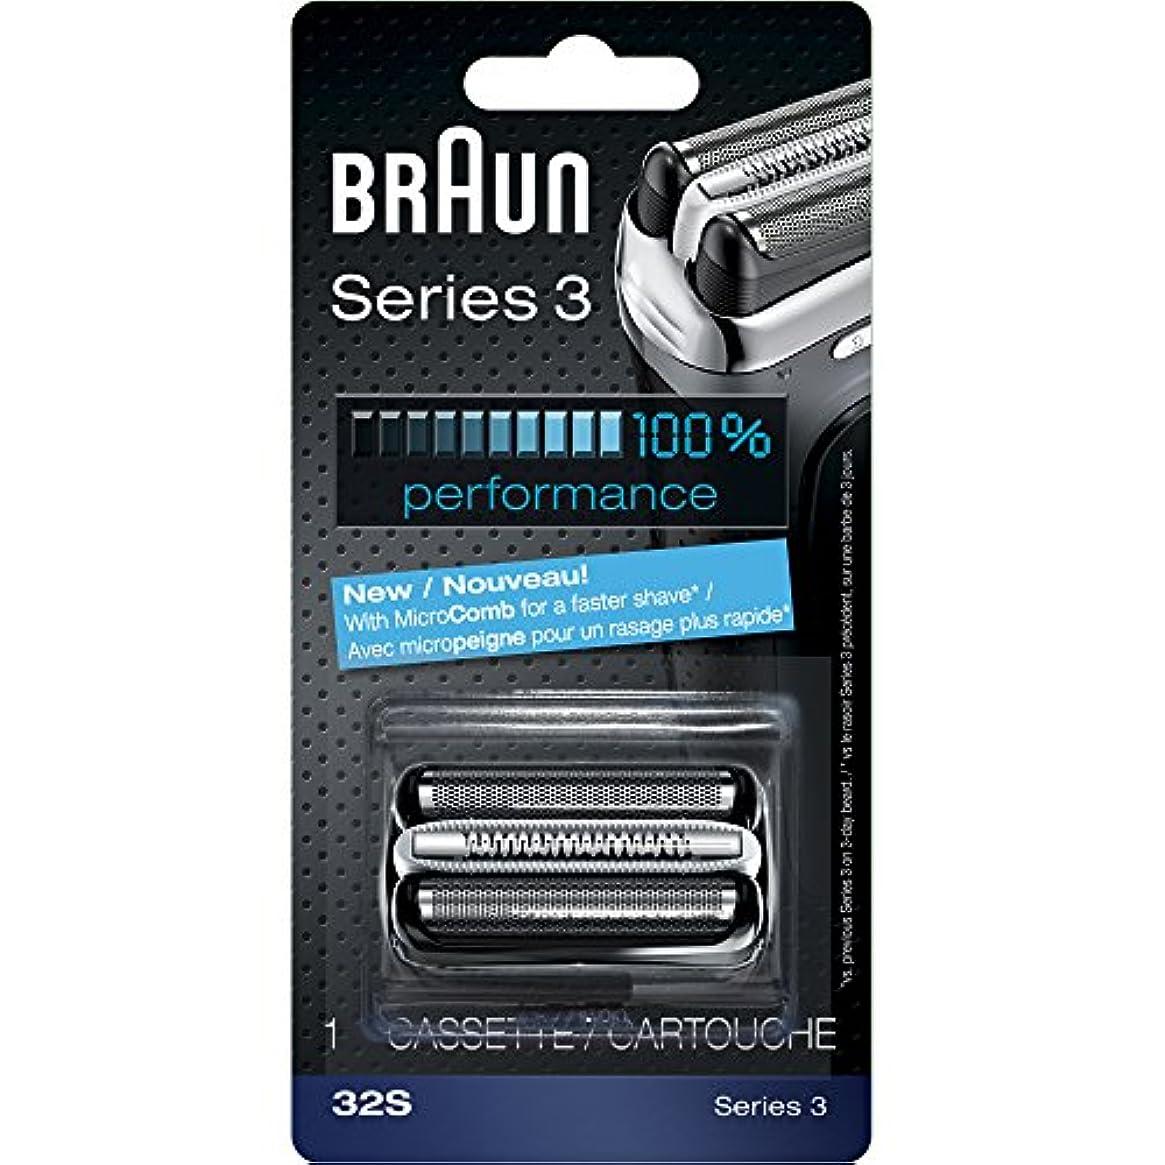 禁止ヨーロッパ相手ブラウン シェーバー シリーズ3用 網刃?内刃一体型カセット F/C32S と同一品 並行輸入品